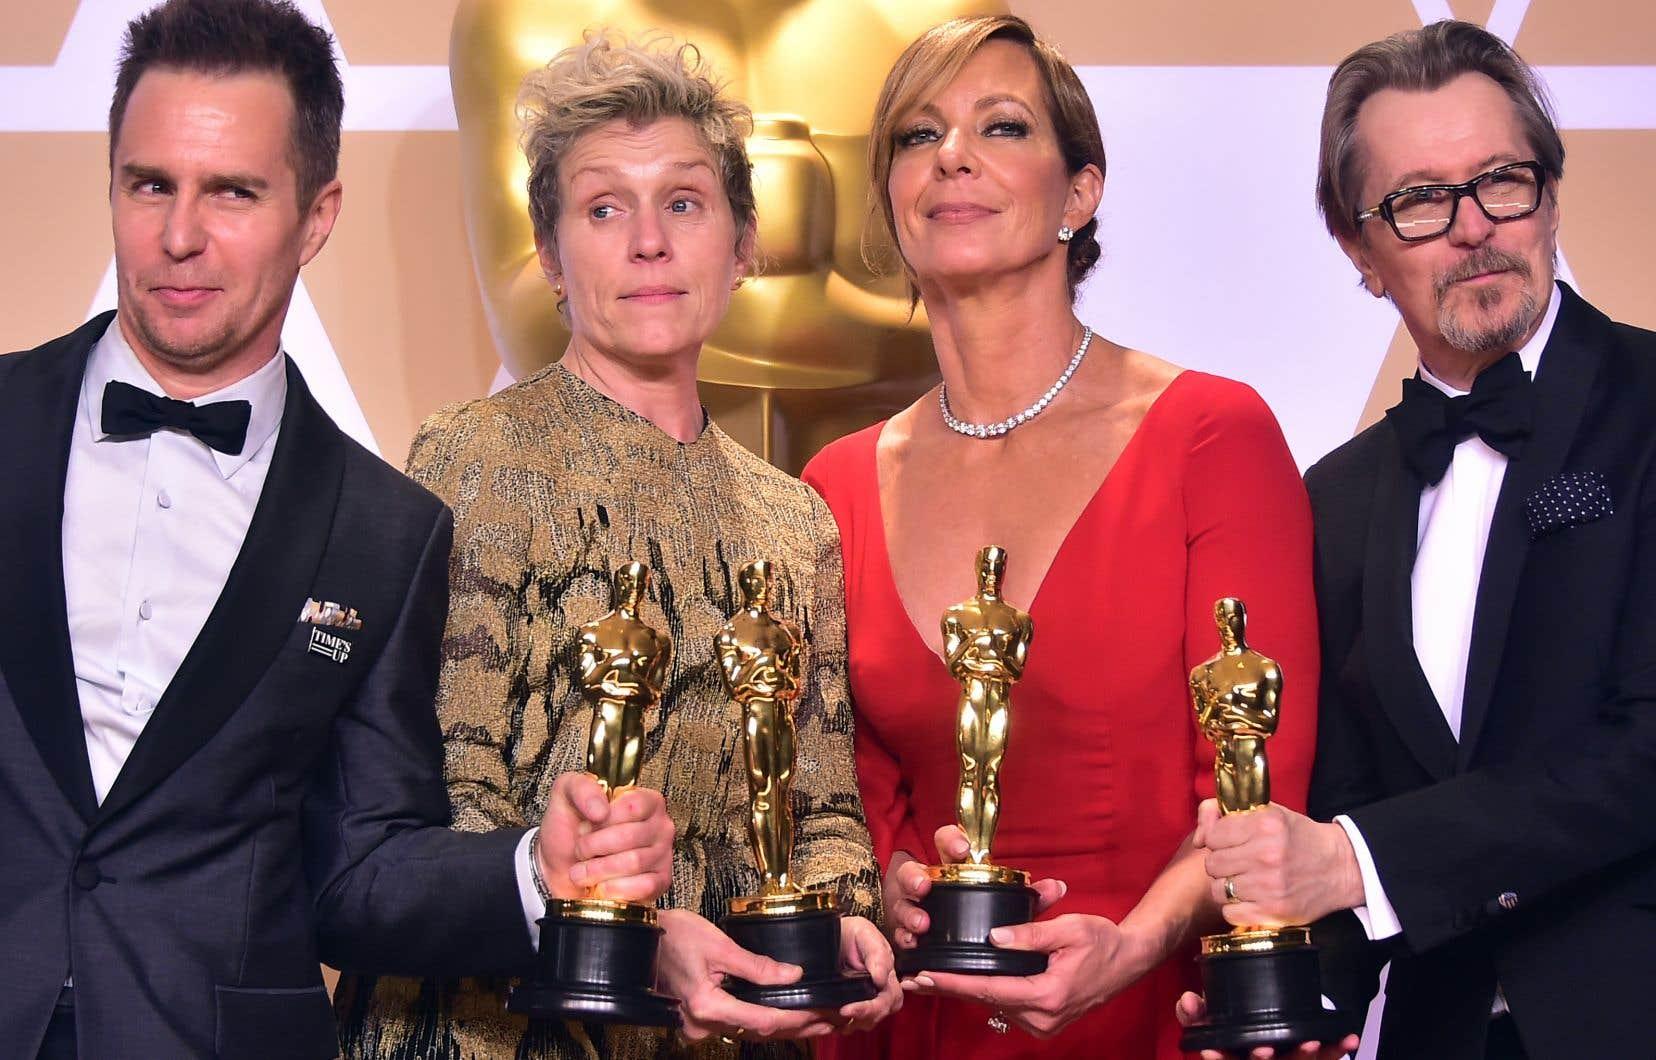 Sam Rockwell, Frances McDormand, Allison Janney, et Gary Oldman lors de la cérémonie des Oscar à Hollywood.